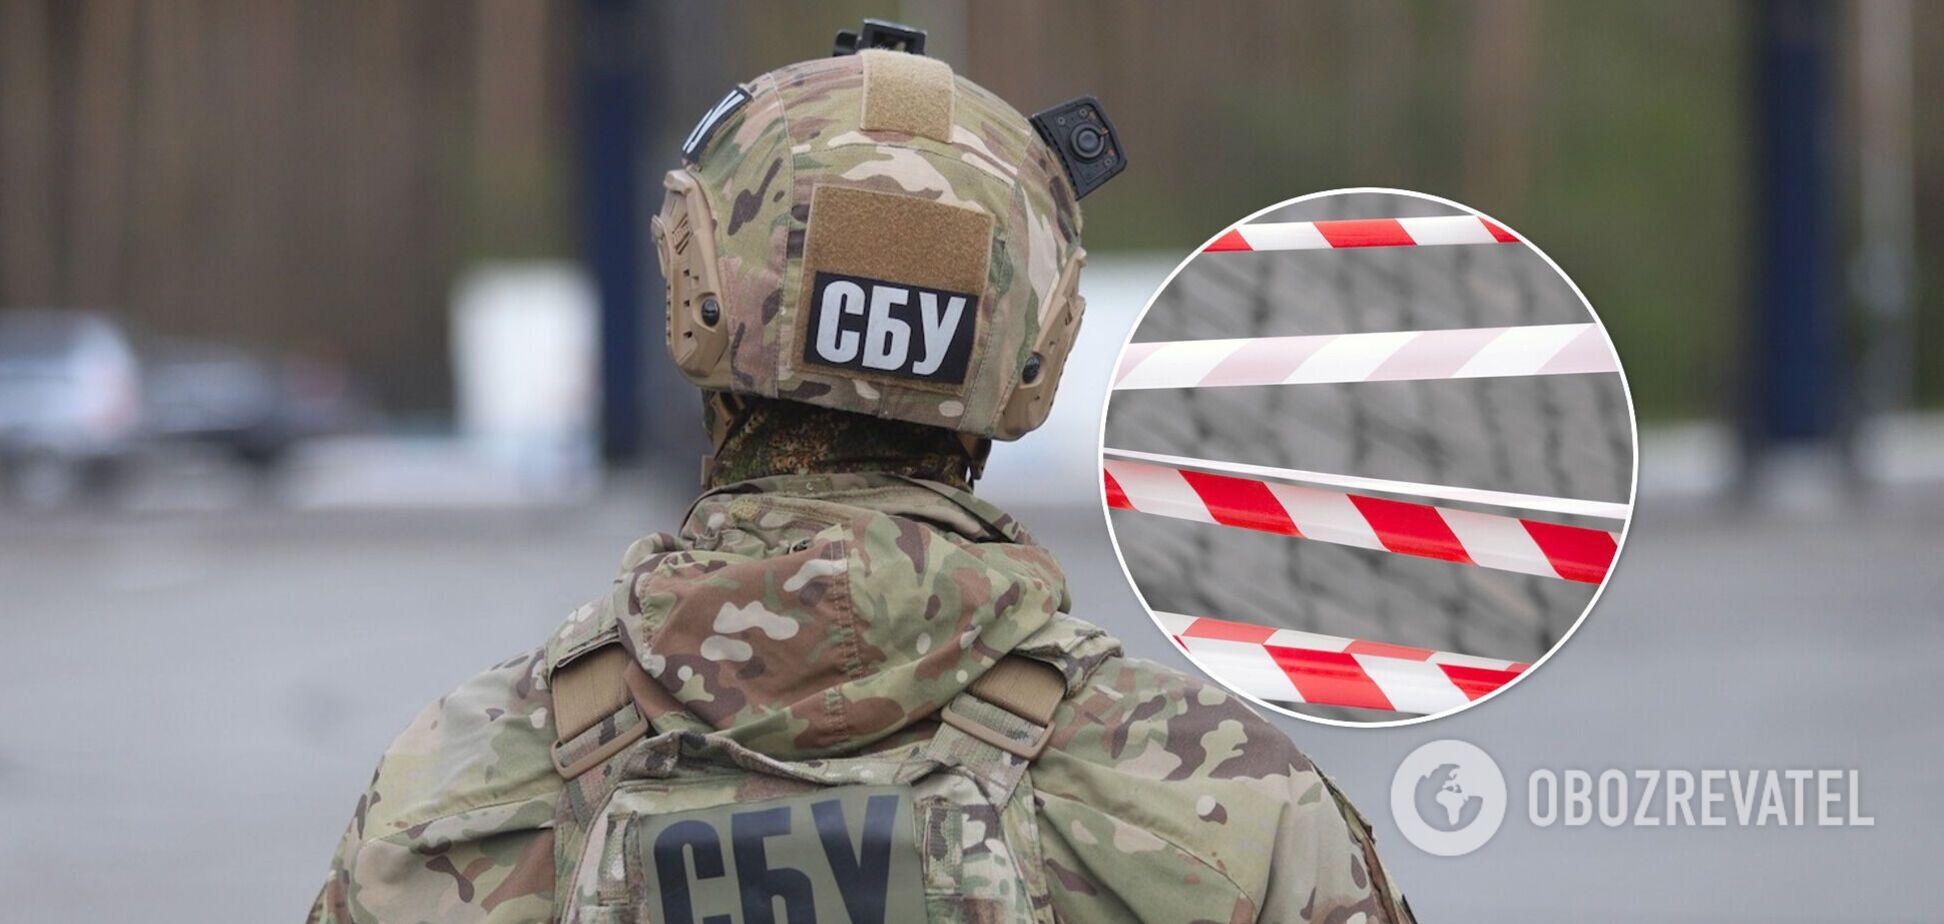 У Дніпрі знайшли повішеним підполковника СБУ, – екснардеп